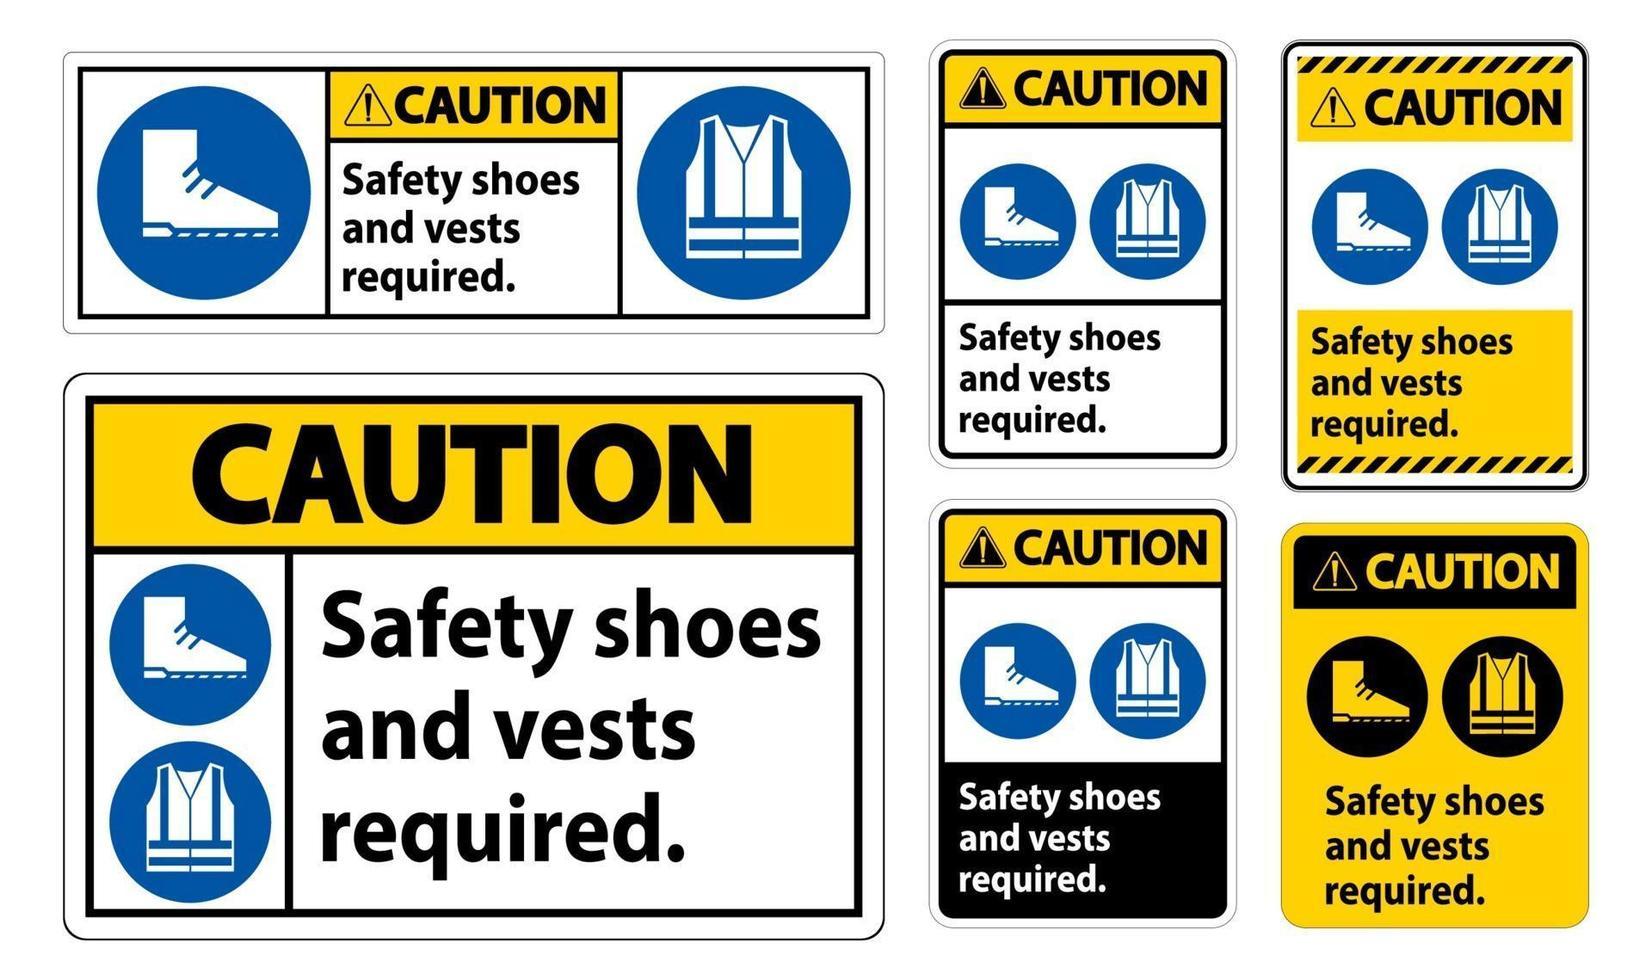 waarschuwingsteken veiligheidsschoenen en vest vereist met pbm-symbolen op witte achtergrond vector